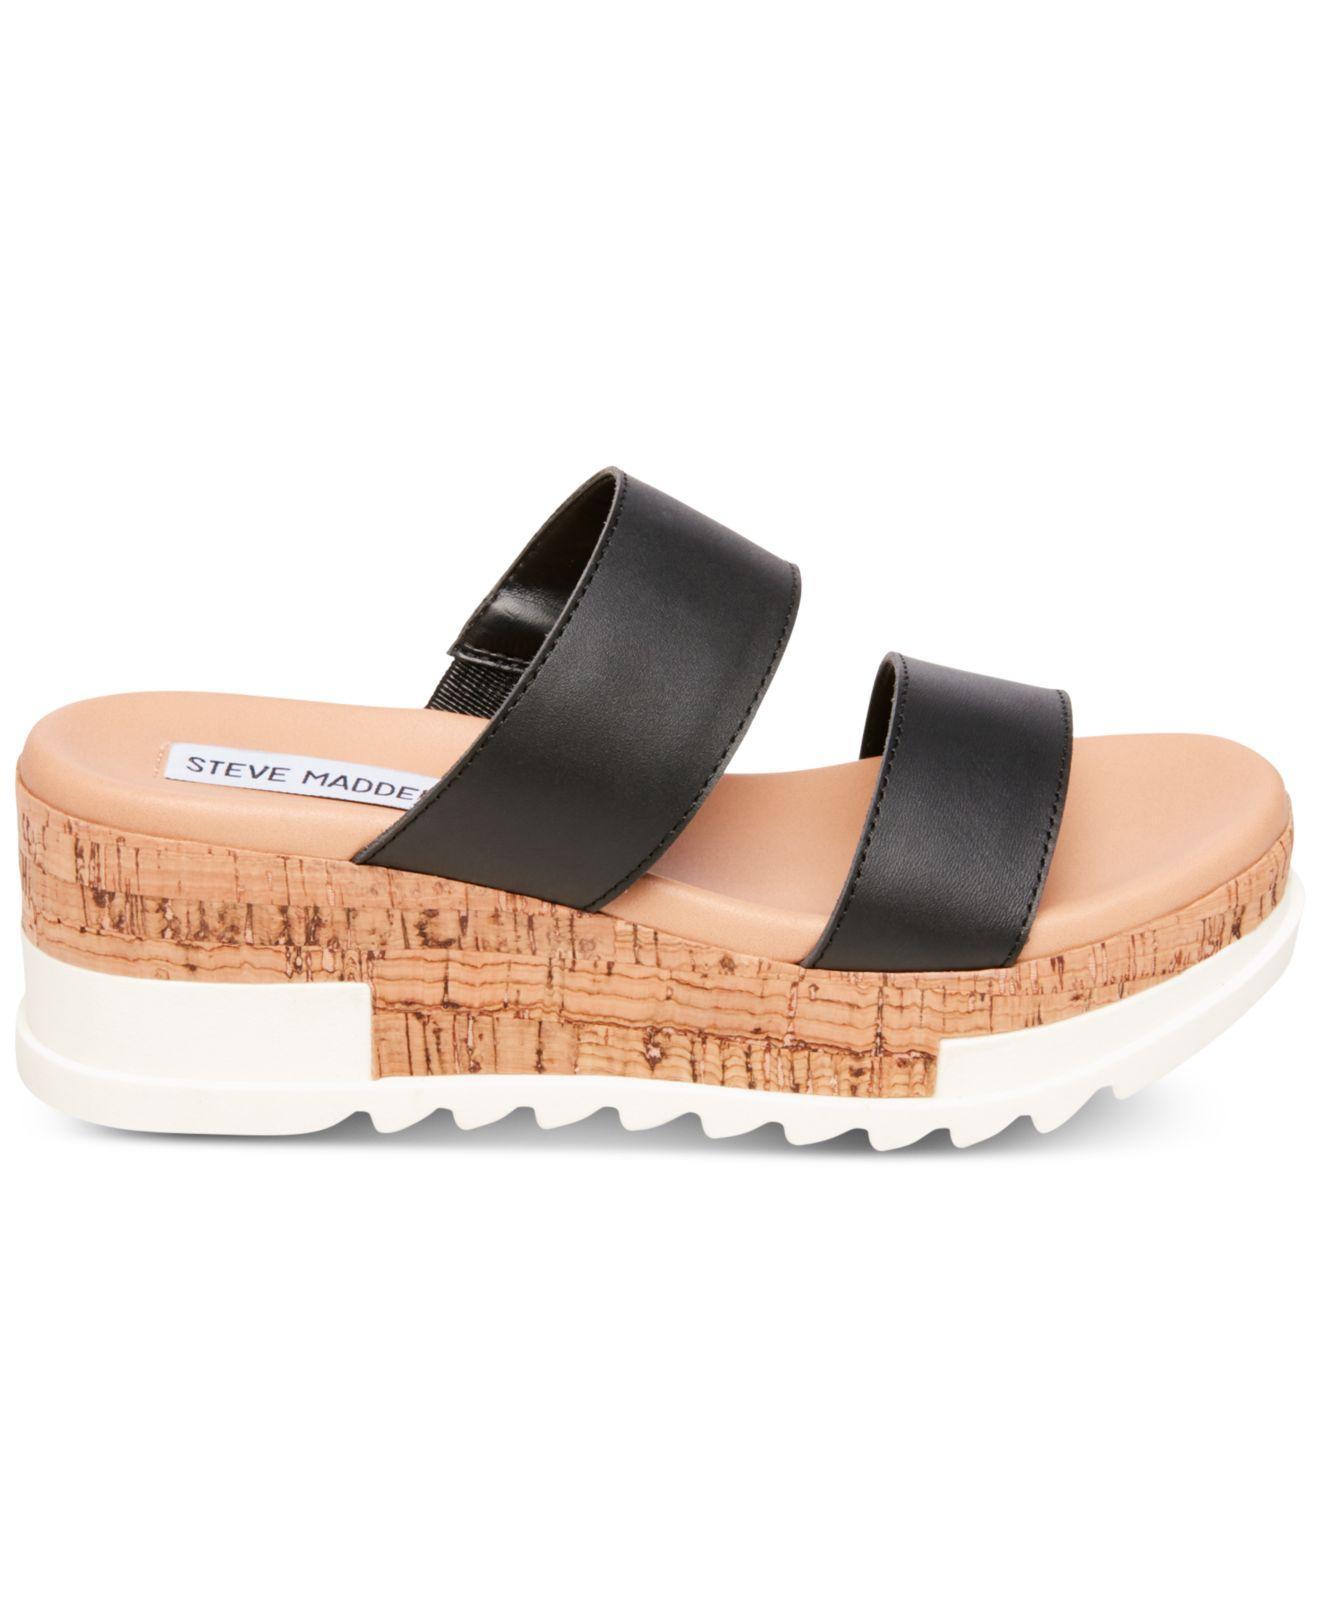 af86013553d Lyst - Steve Madden Blaine Flatform Sandals in Black